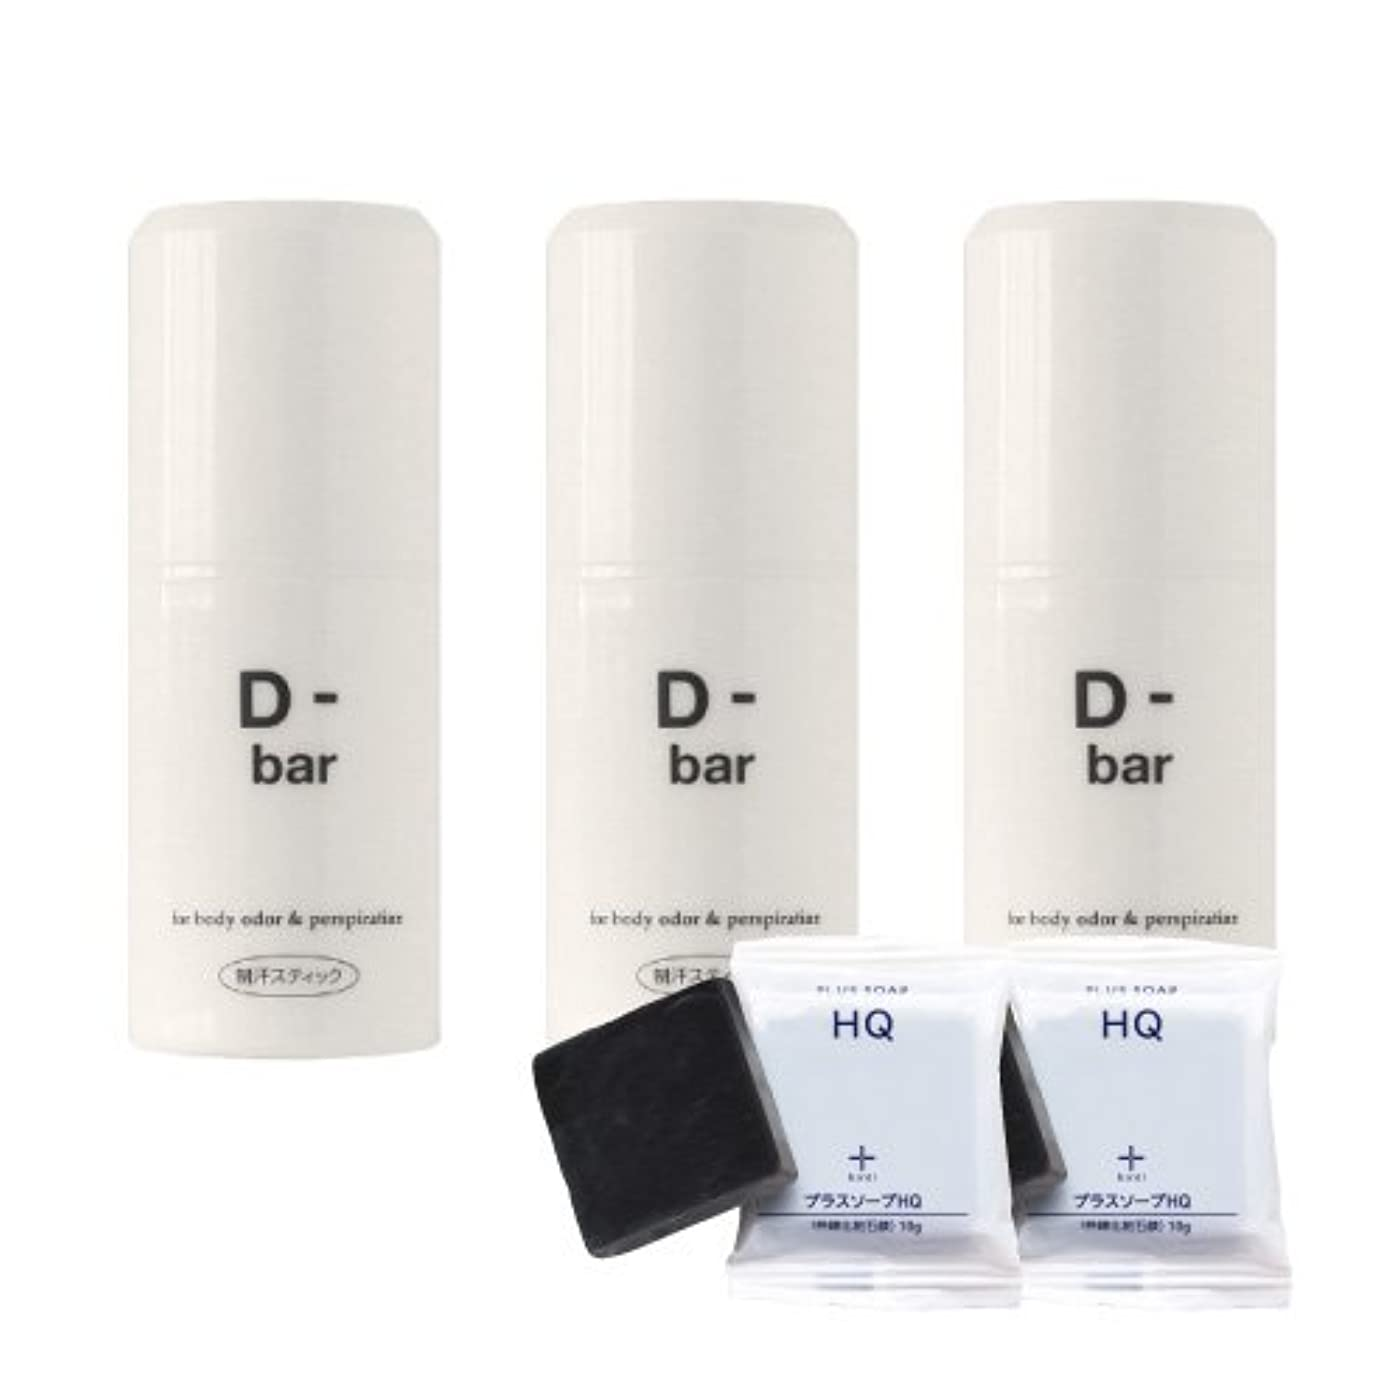 D-bar(ディーバー) 15g 3本 + プラスソープHQミニ 2個